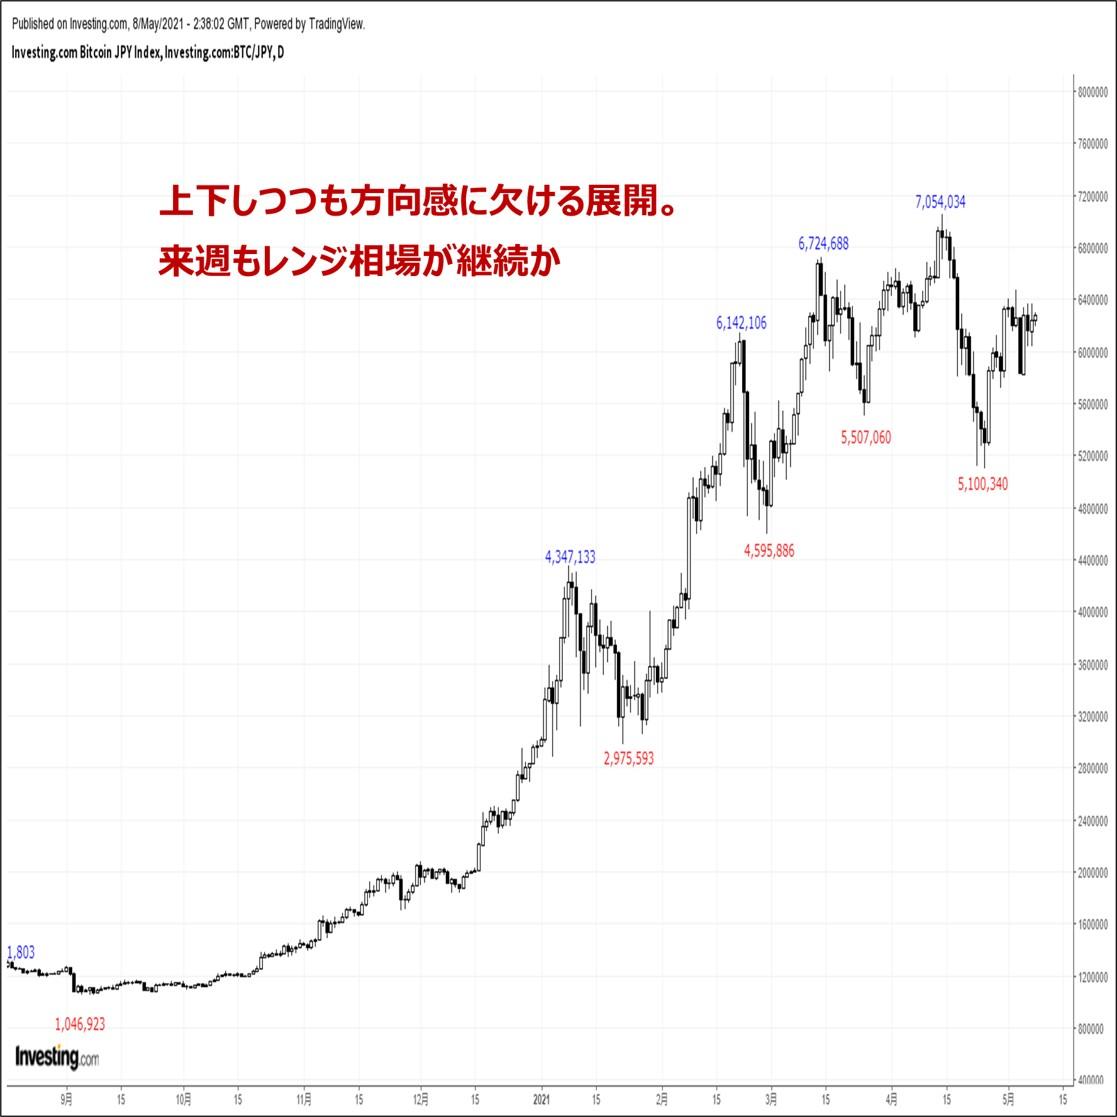 ビットコインの価格分析:『上下しつつも方向感に欠ける展開。レンジ相場に突入か』(5/8)